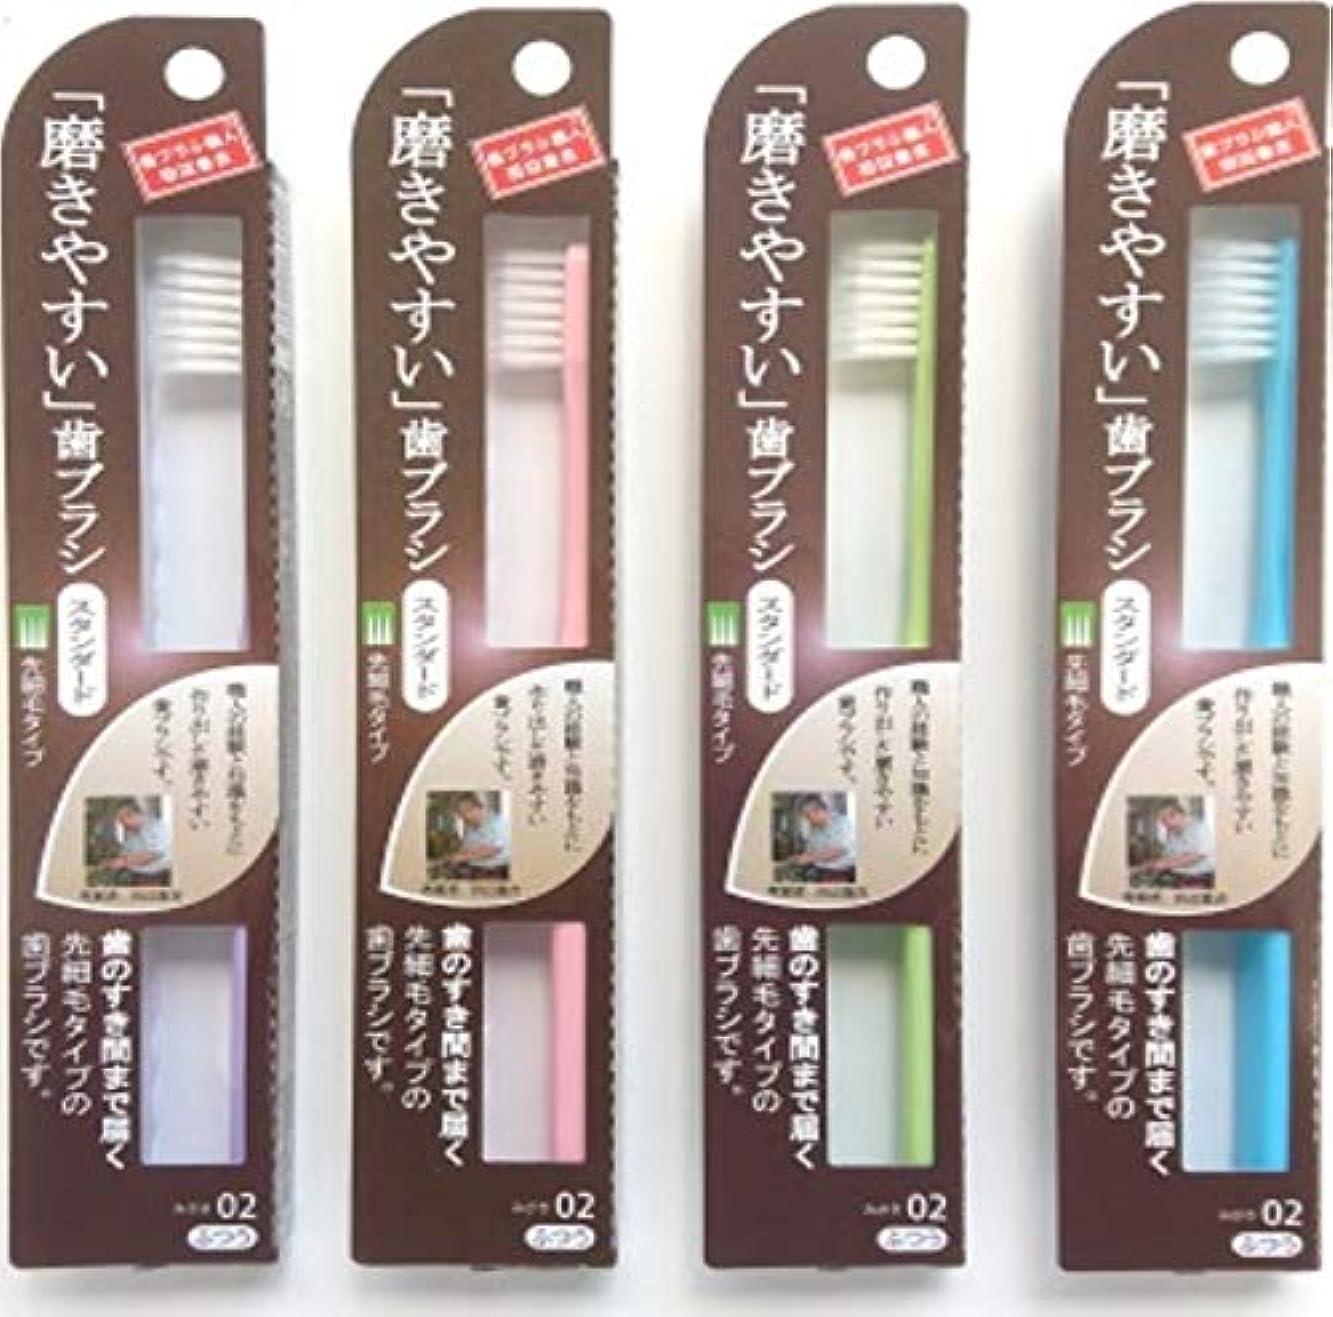 傾く記録残高磨きやすい歯ブラシ(奥歯まで) (LT02) (36本)